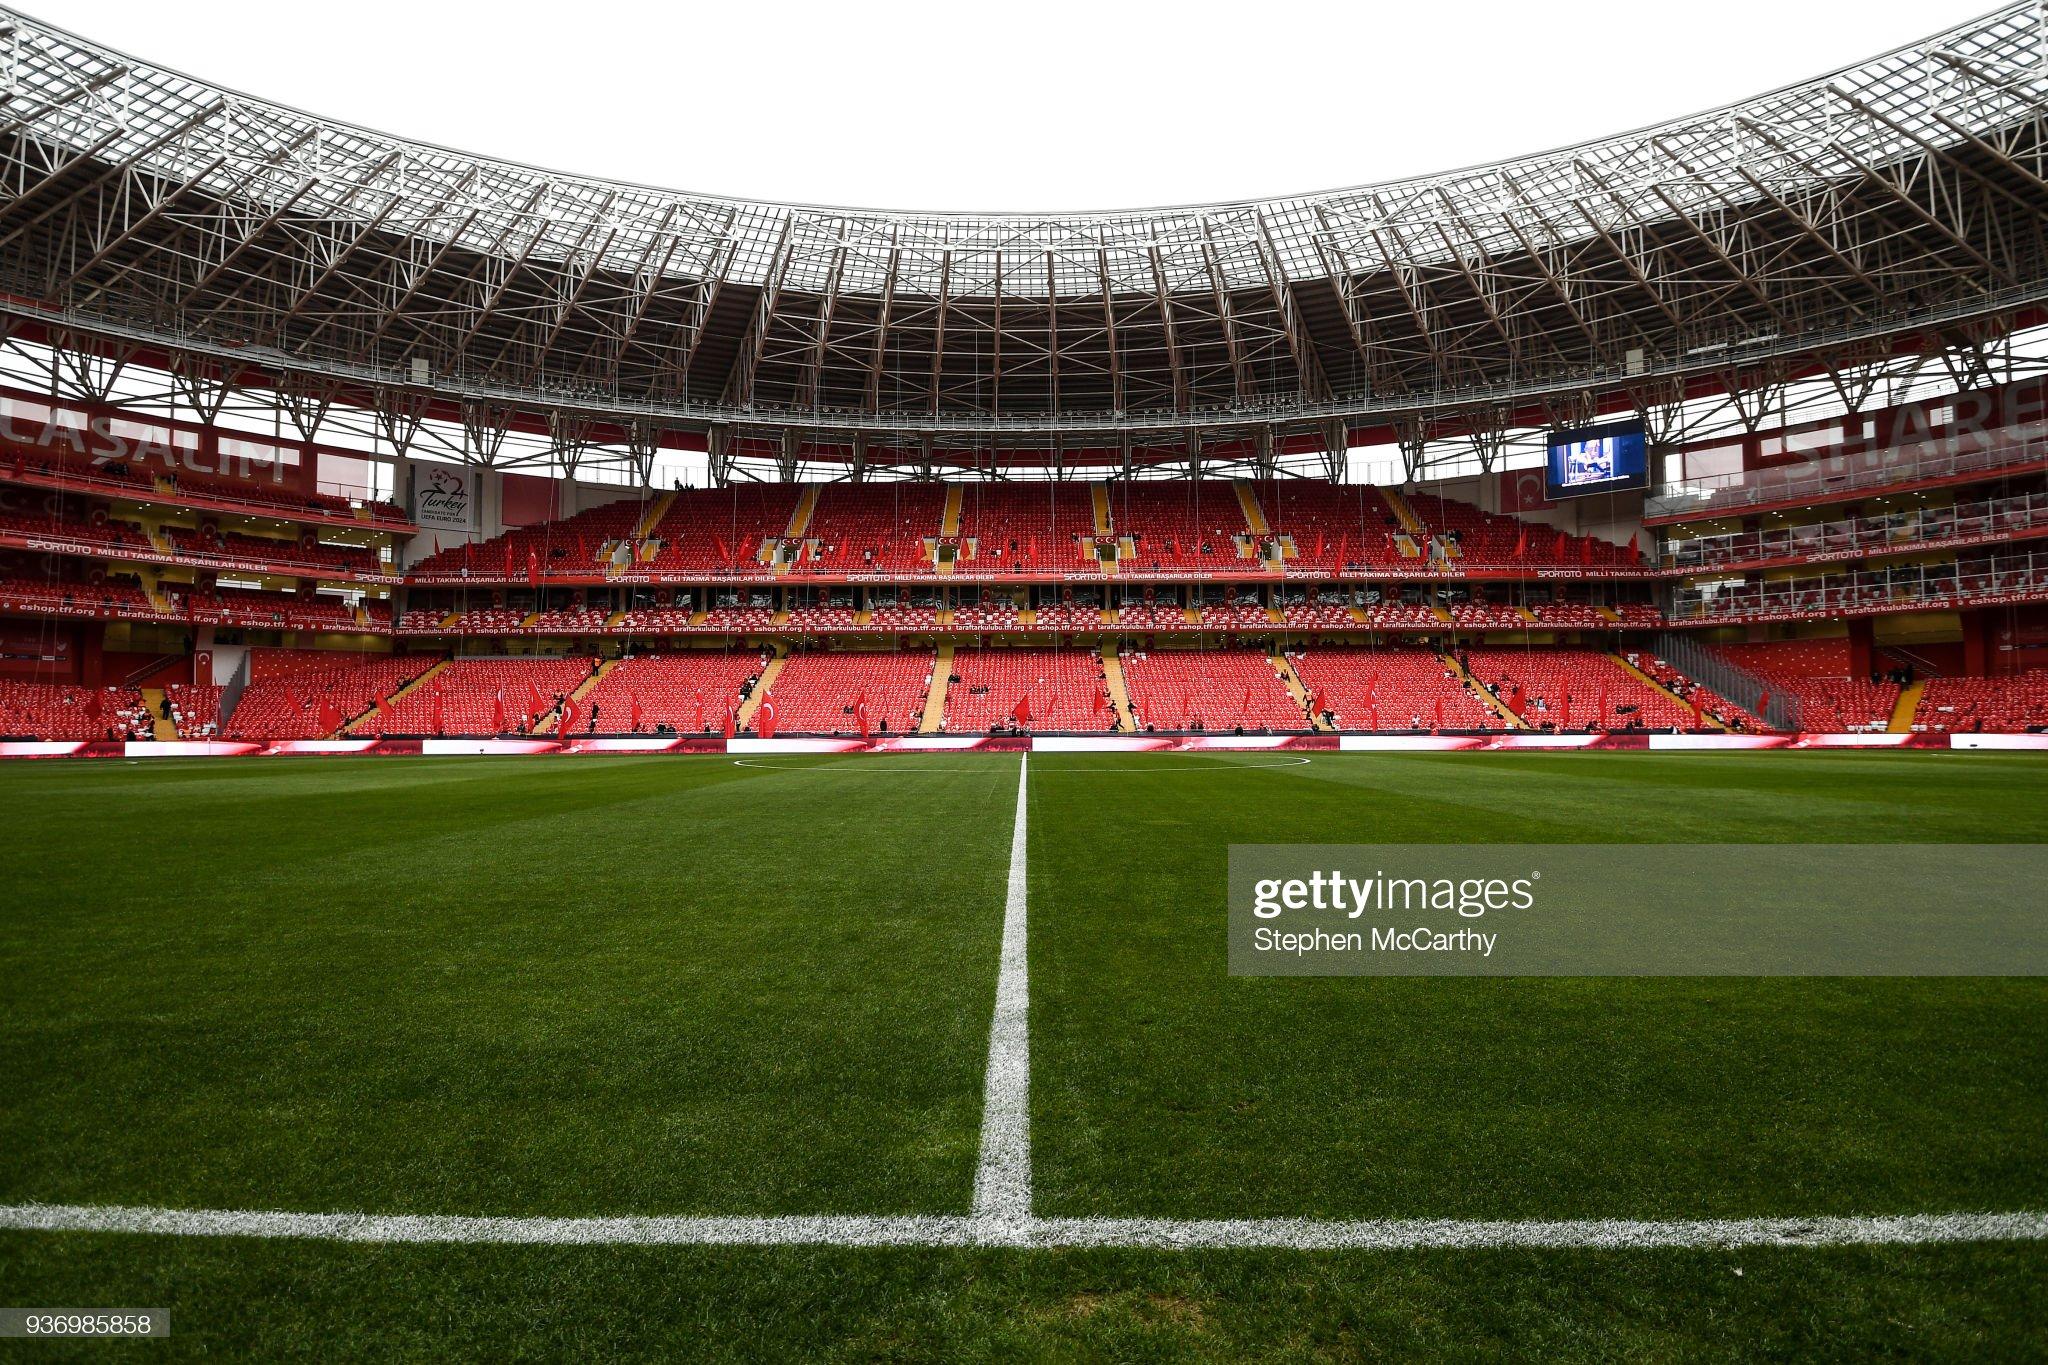 Antalyaspor v Sivasspor Preview, prediction and odds